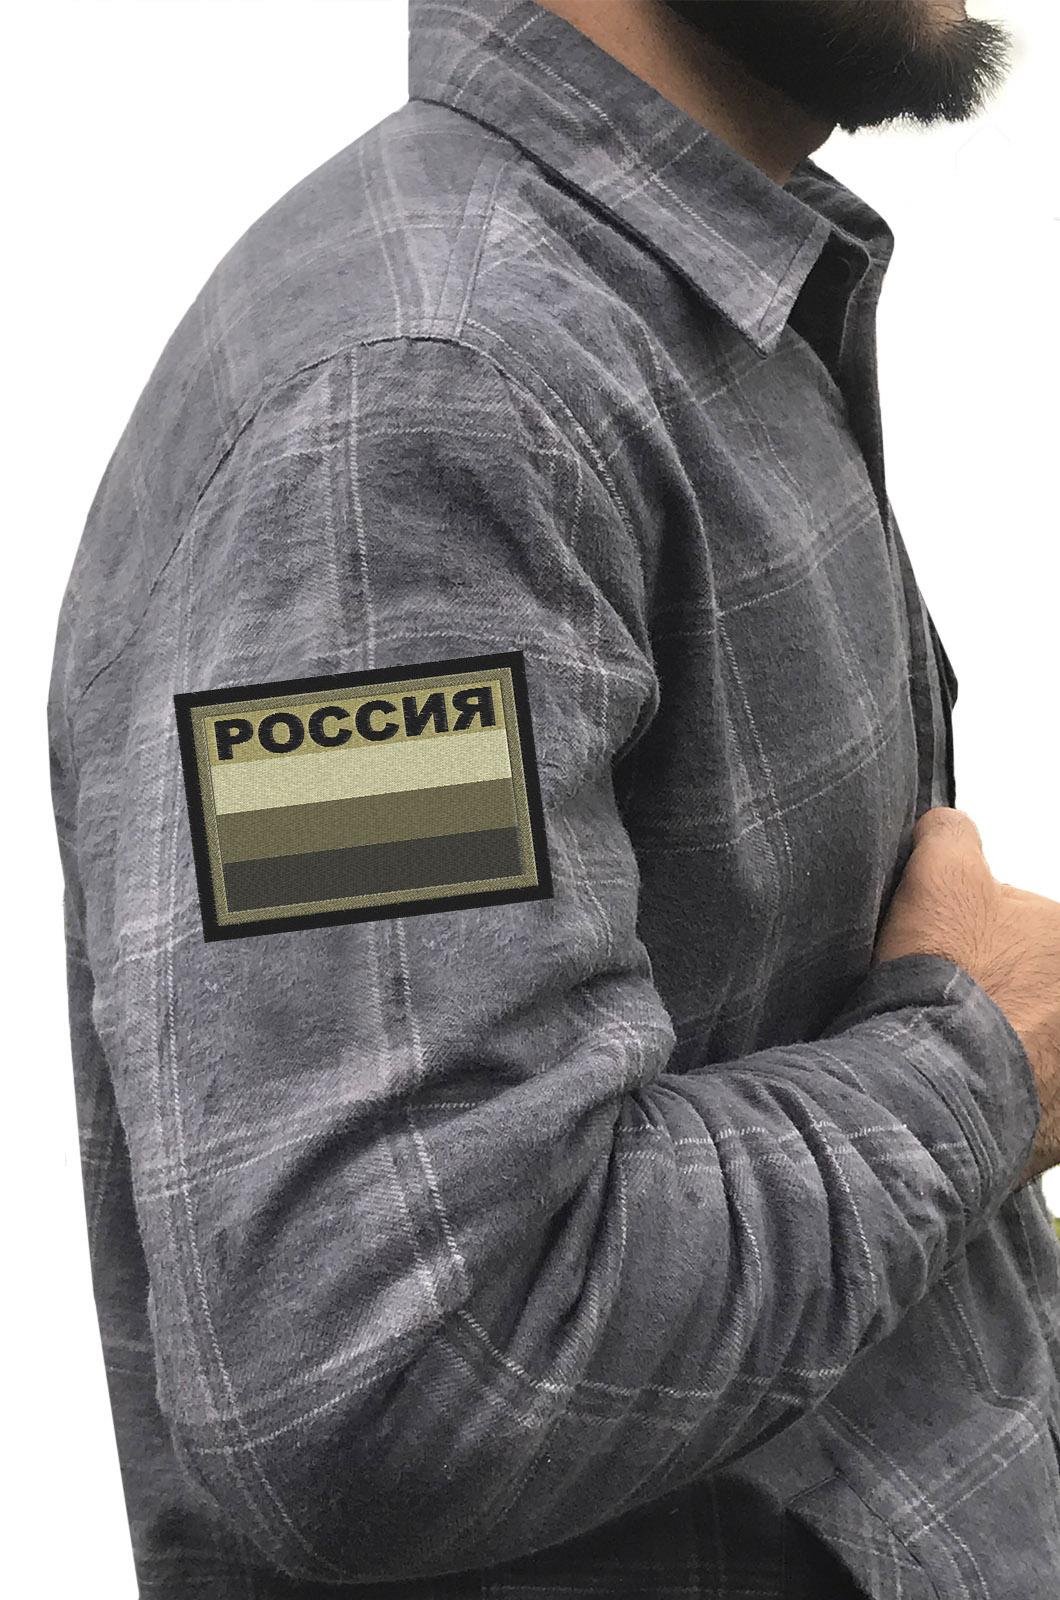 Лаконичная рубашка с вышитым шевроном Россия полевая - купить выгодно